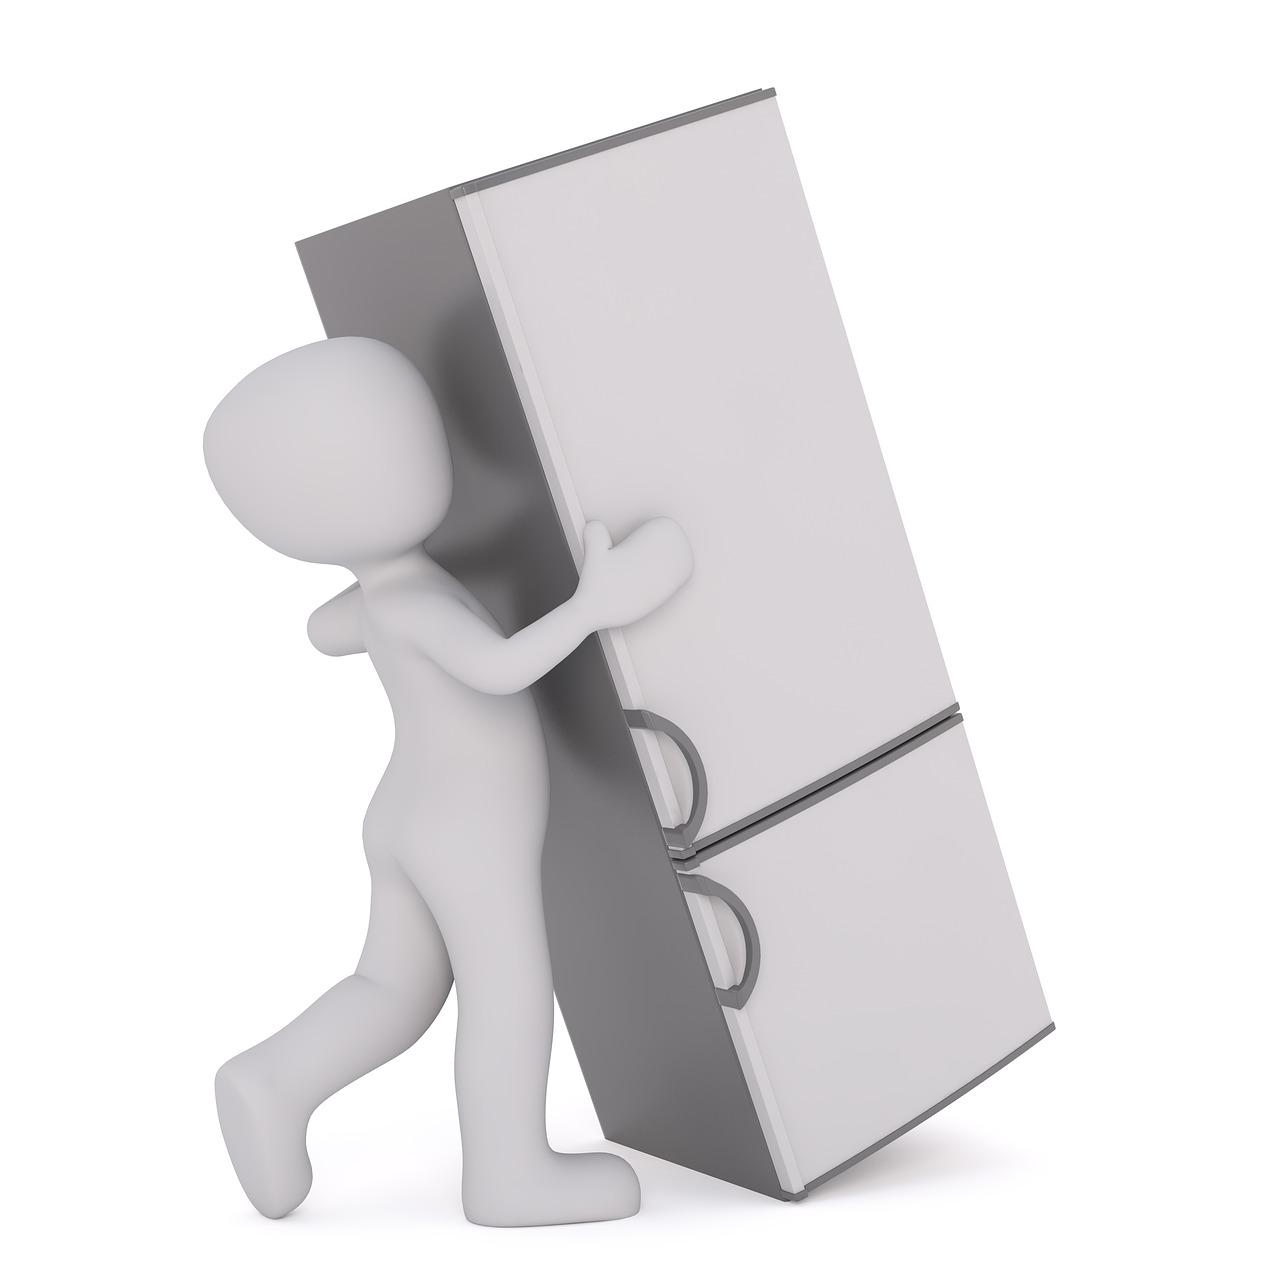 冷蔵庫から異臭がしたら蒸発皿をチェック!蒸発皿について知ろう!のサムネイル画像